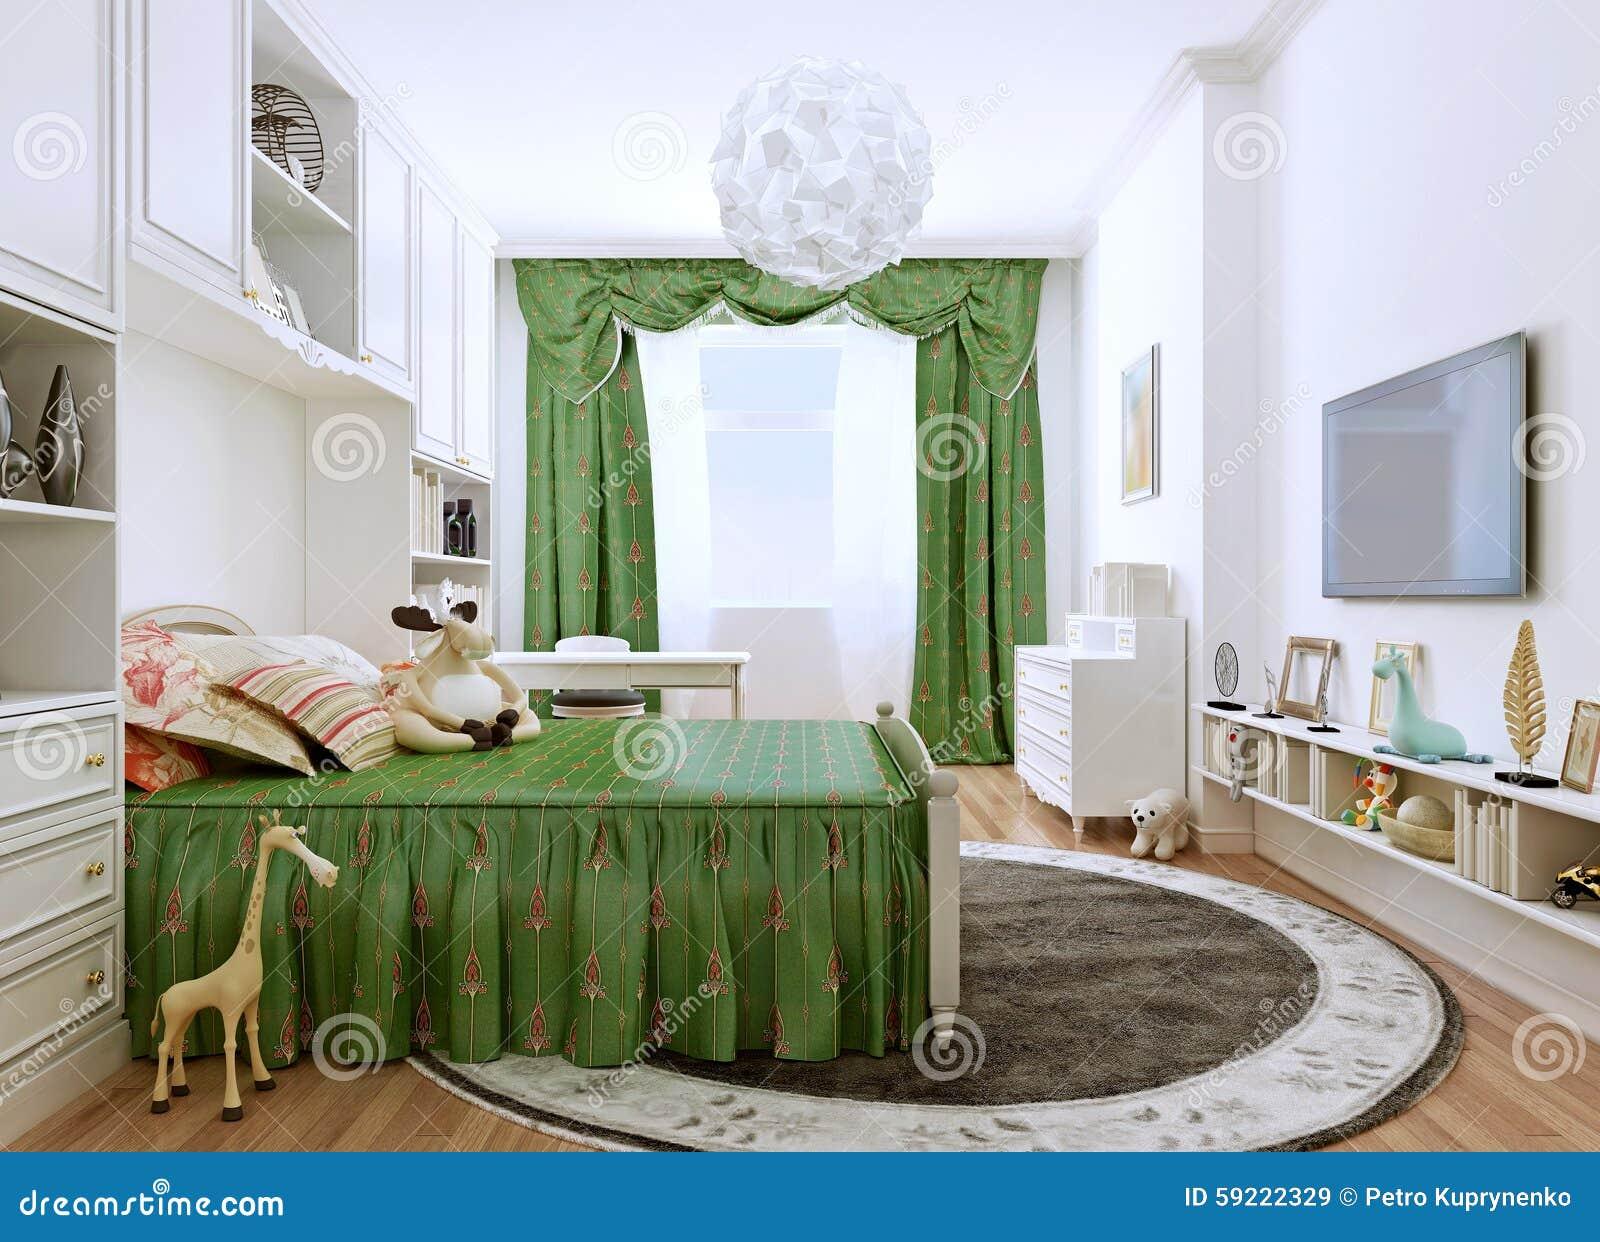 De slaapkamer van kinderen in een klassieke stijl stock afbeelding